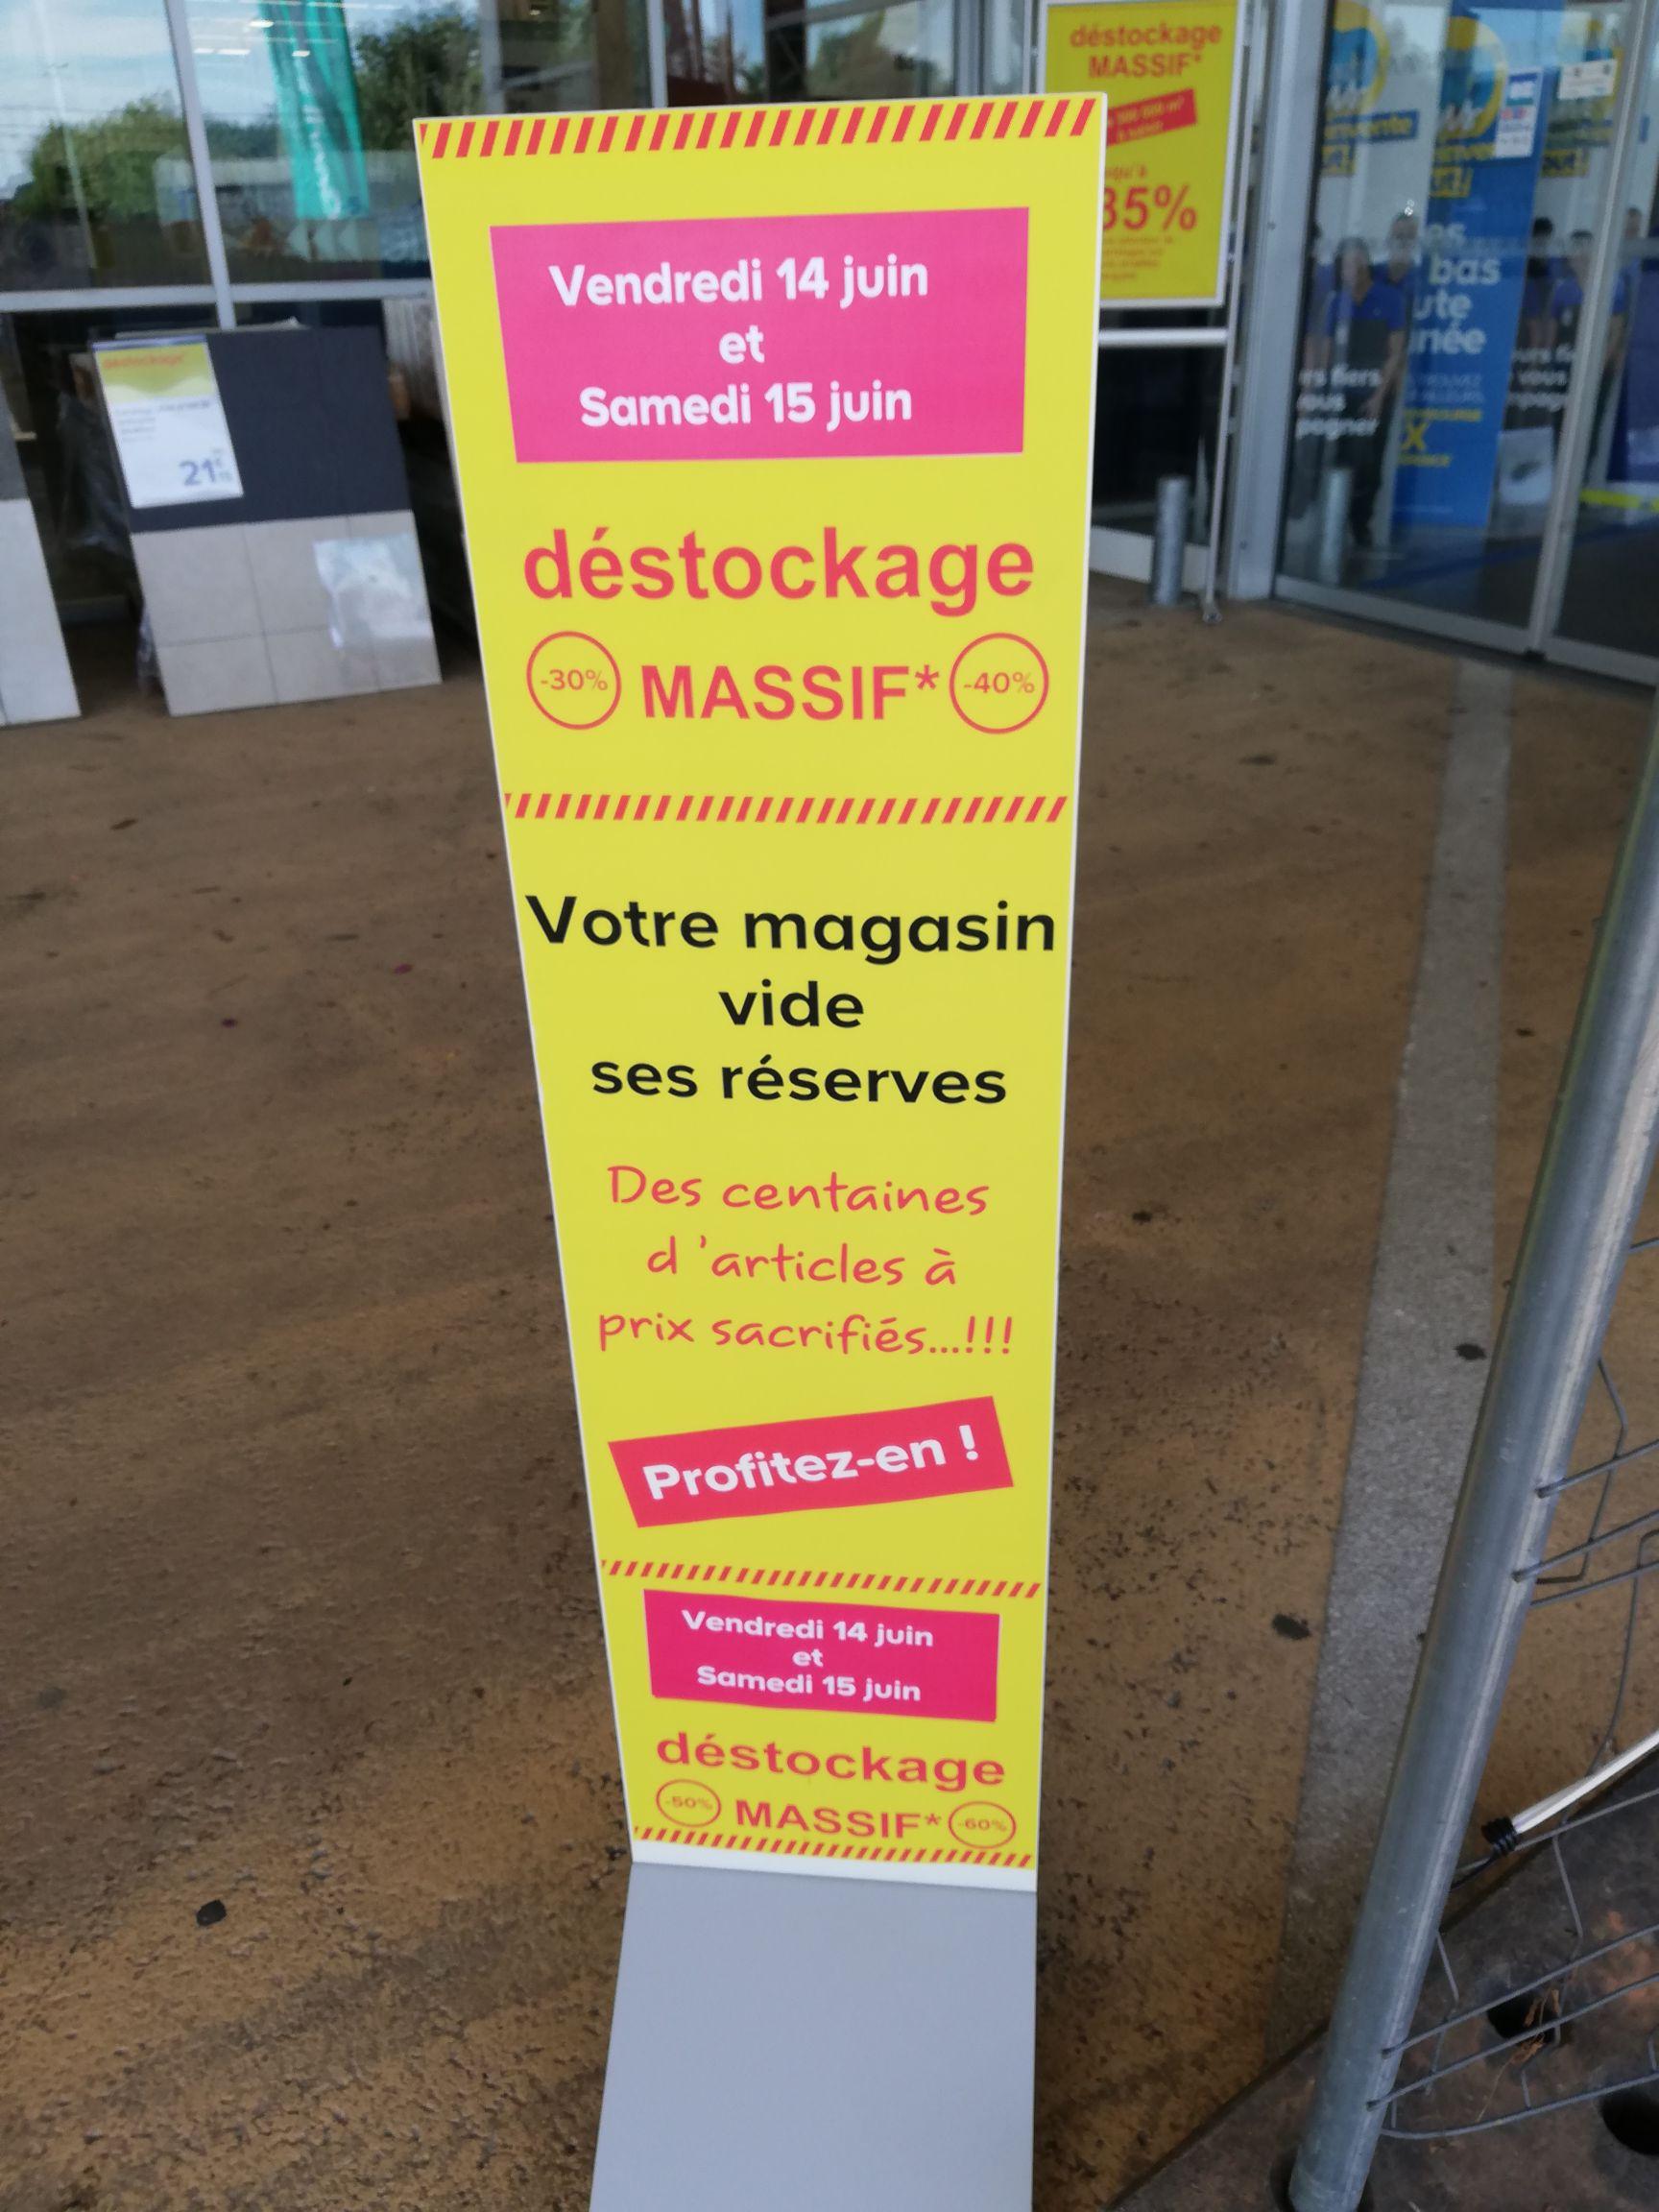 Sélection d'articles en promotion (déstockage) - Blagnac (31)